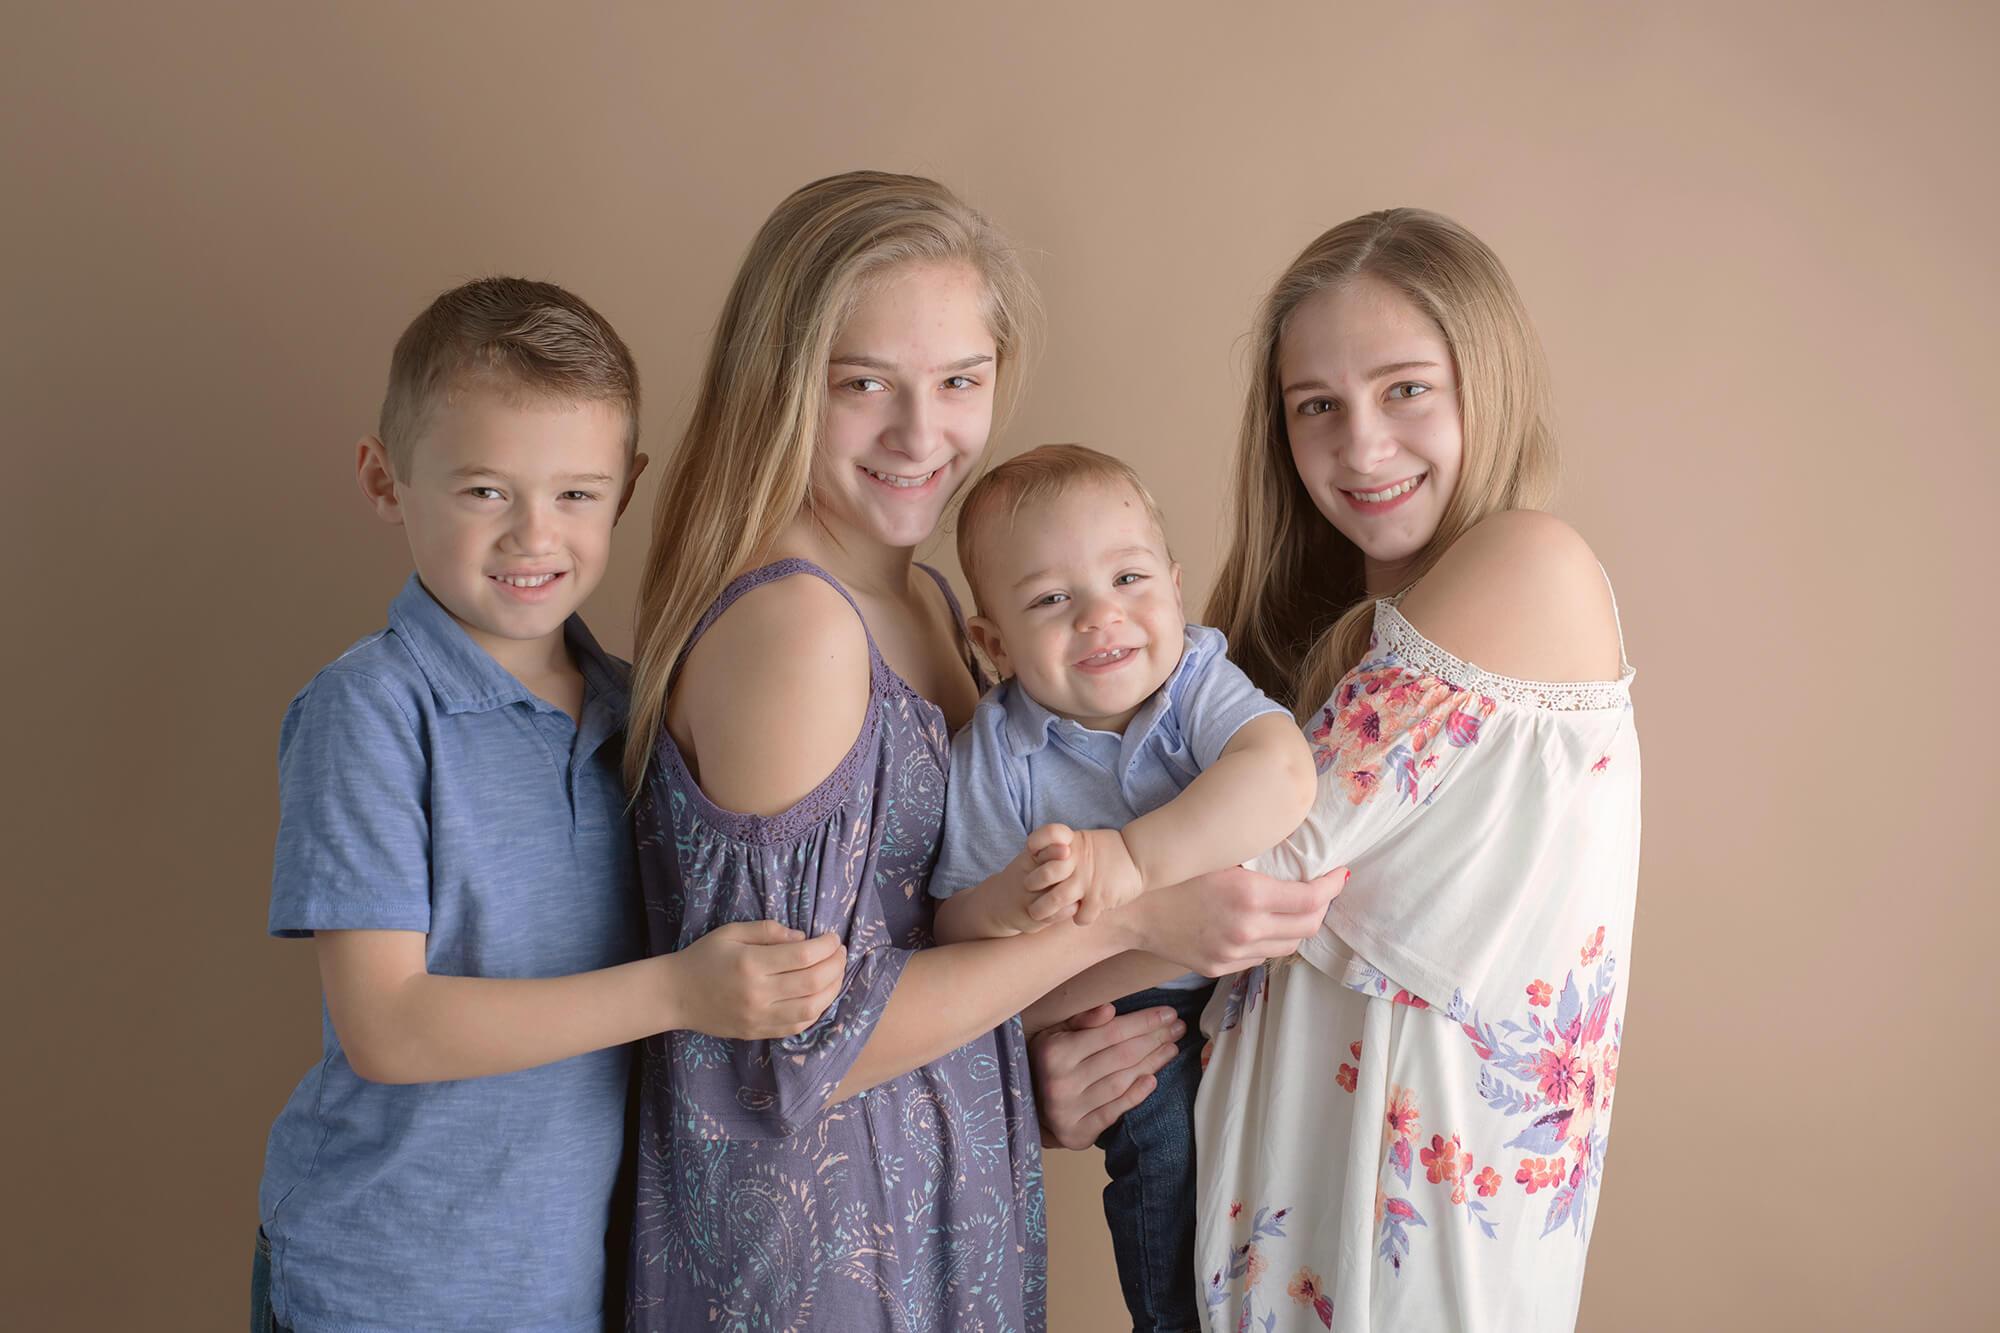 Sweet Snaps Photography - Valparaiso Indiana Family Photographer